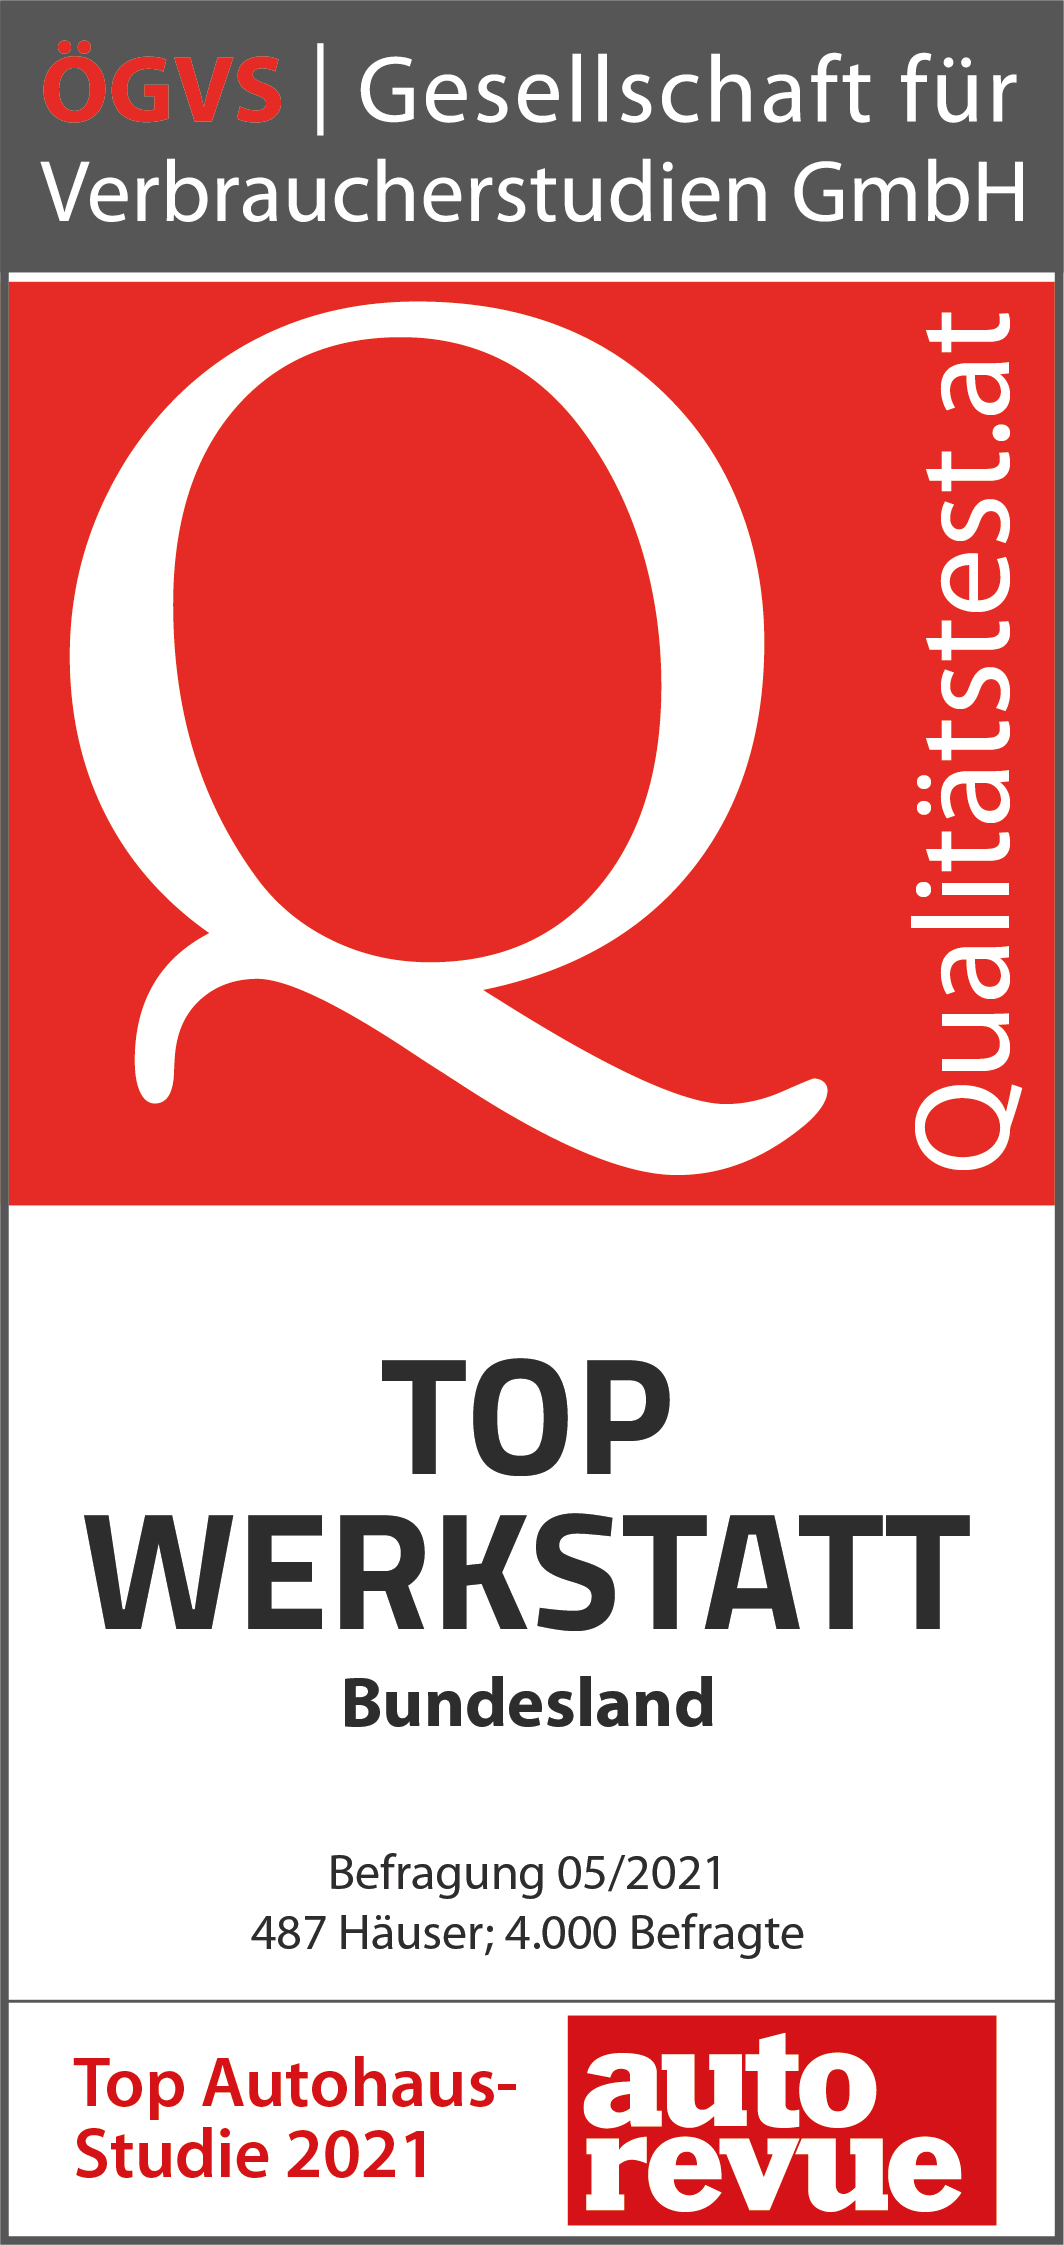 Top Werkstatt